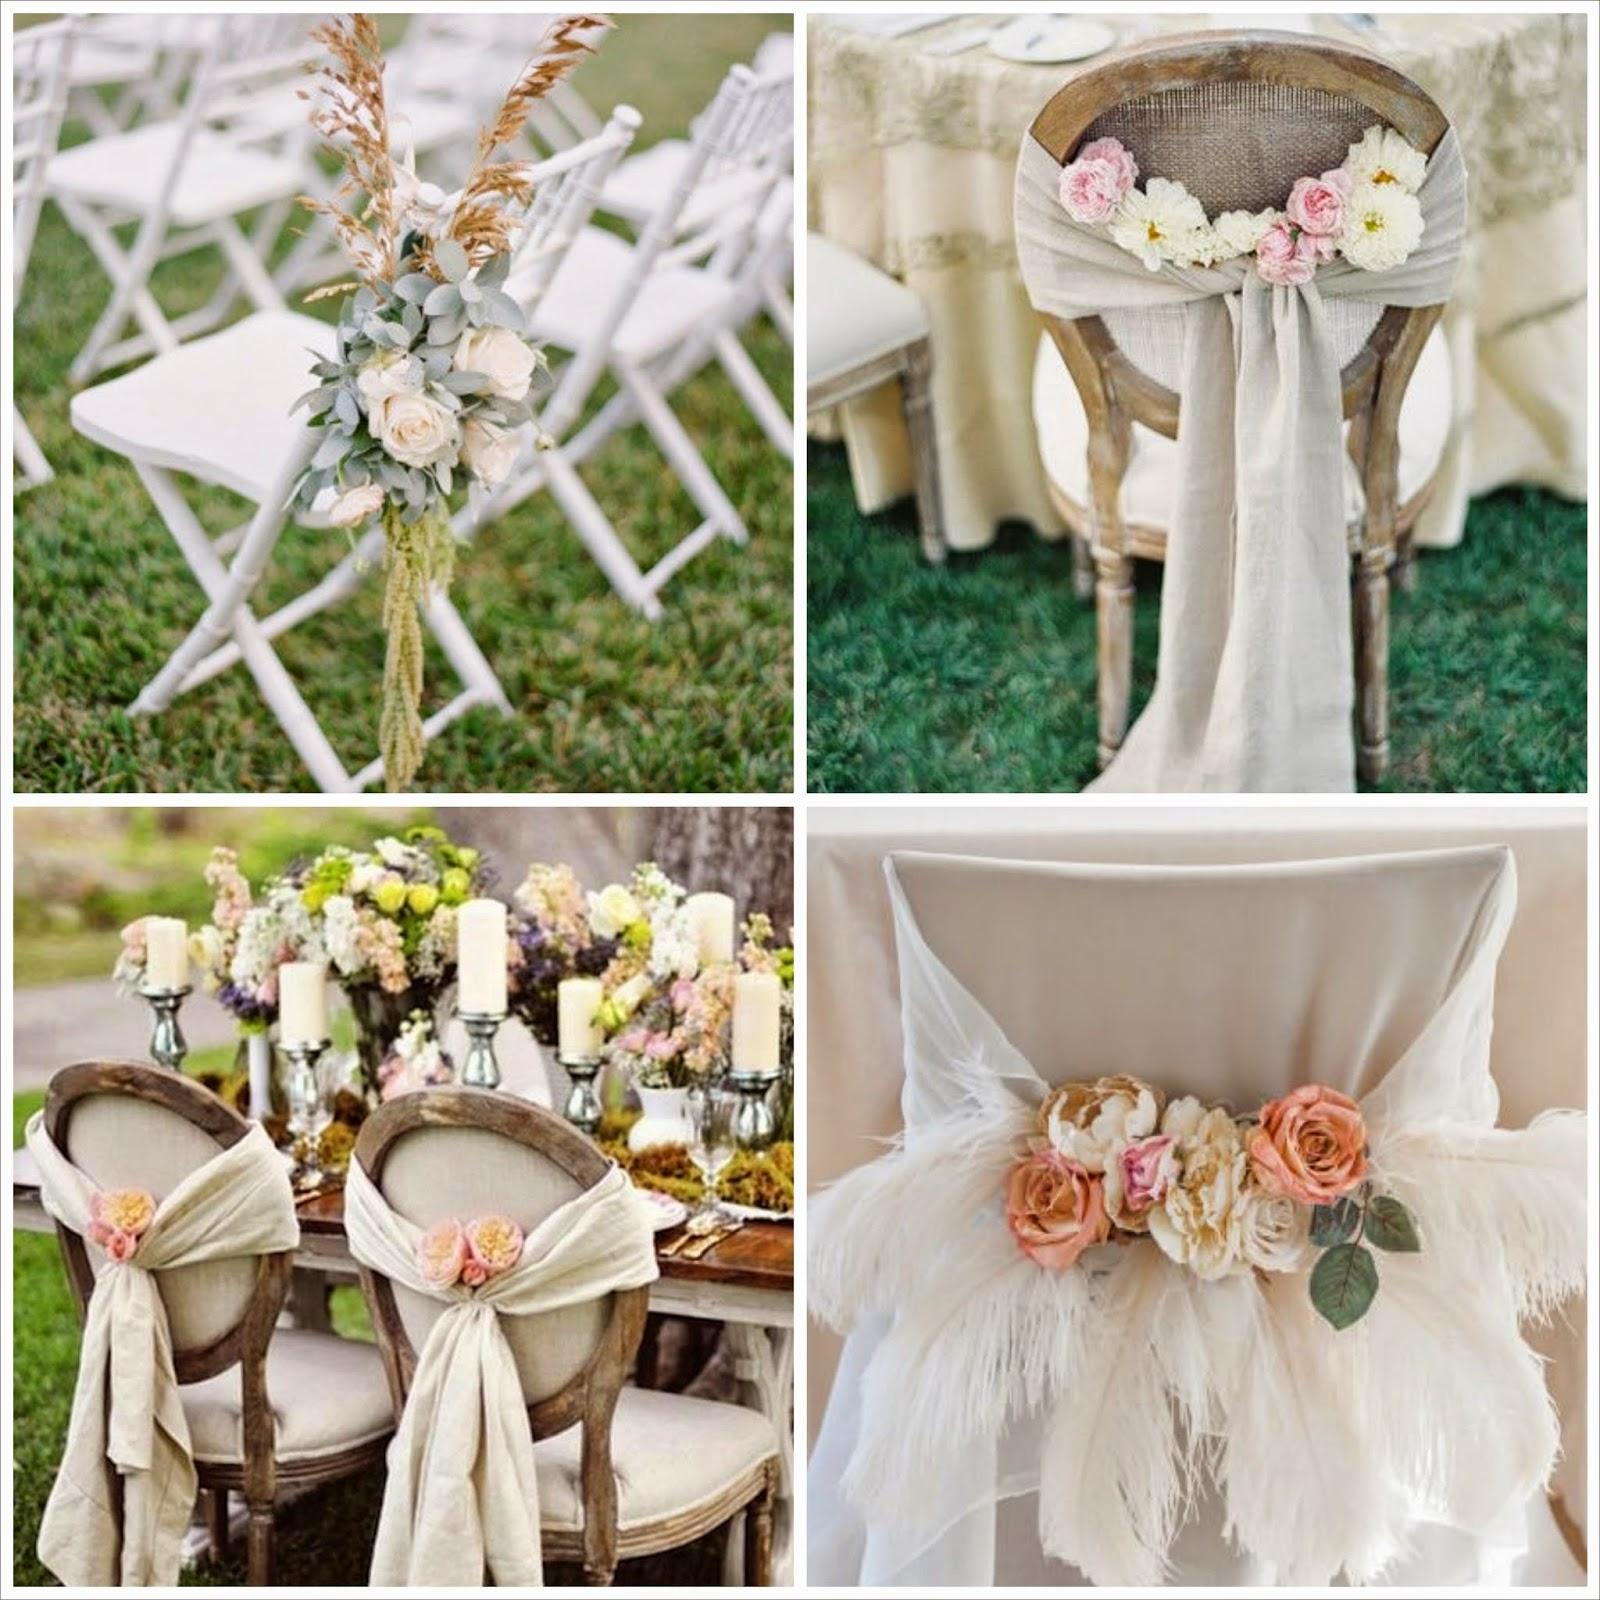 Blog de tu d a con amor invitaciones y detalles de boda for Sillas para novios en la iglesia